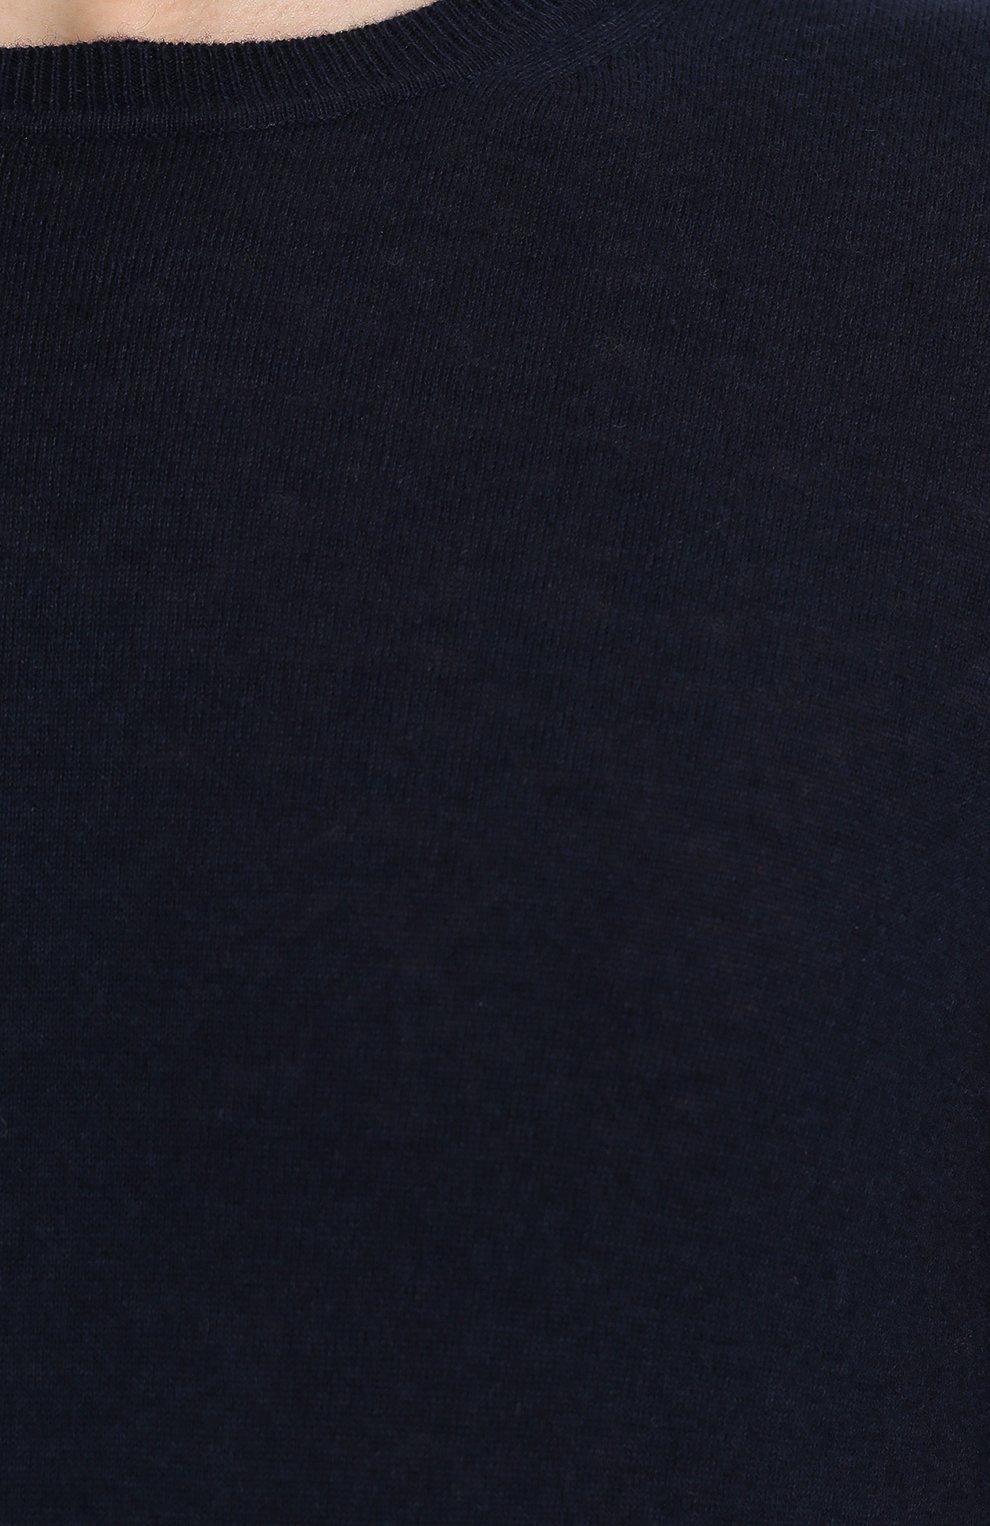 Джемпер тонкой вязки и смеси хлопка и кашемира   Фото №5